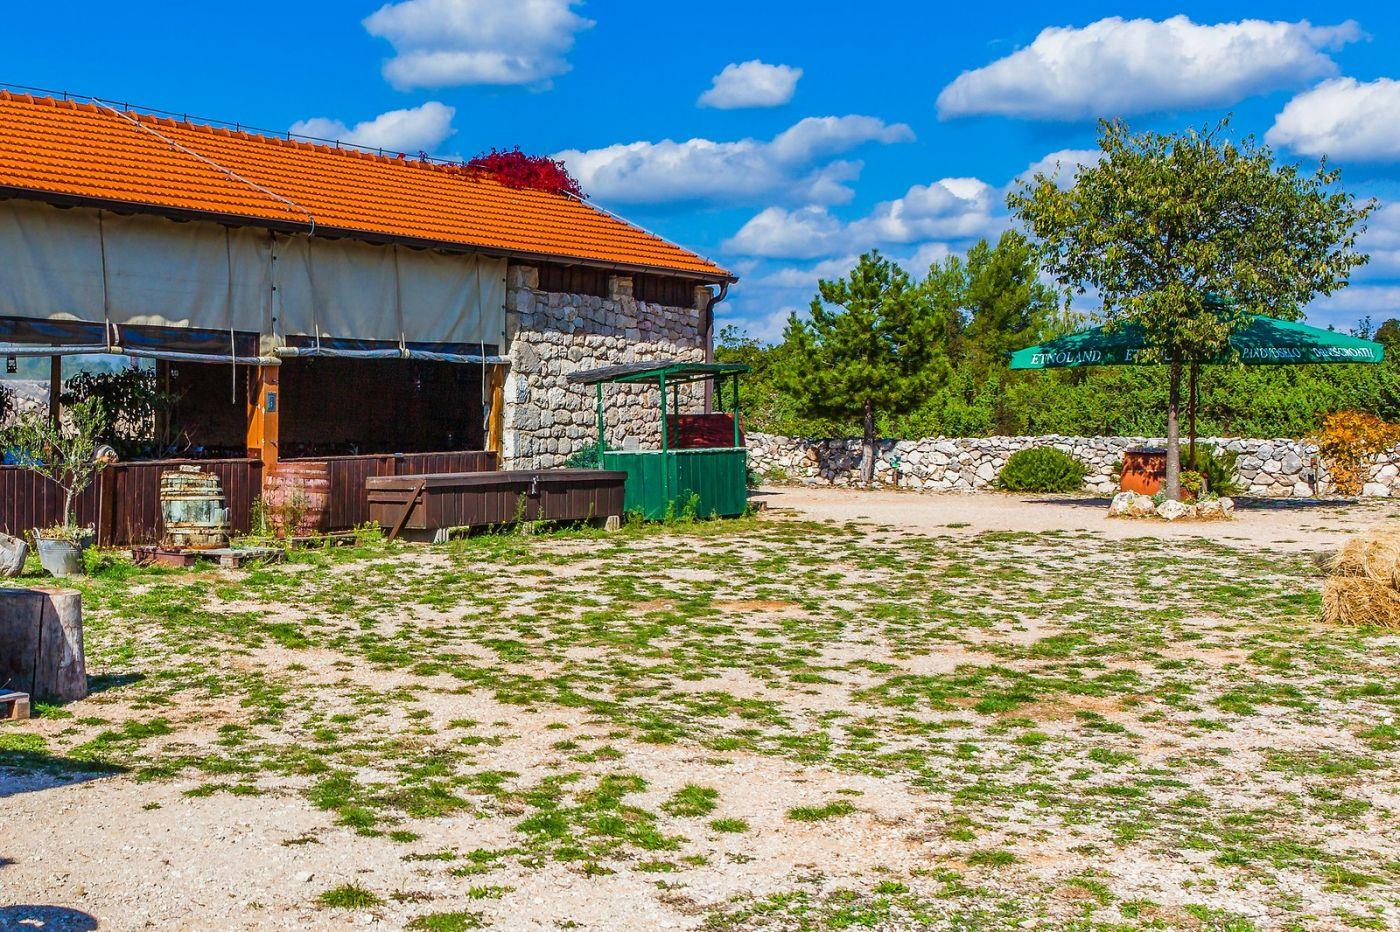 克罗地亚达尔马提亚村,独特的地域风貌_图1-17